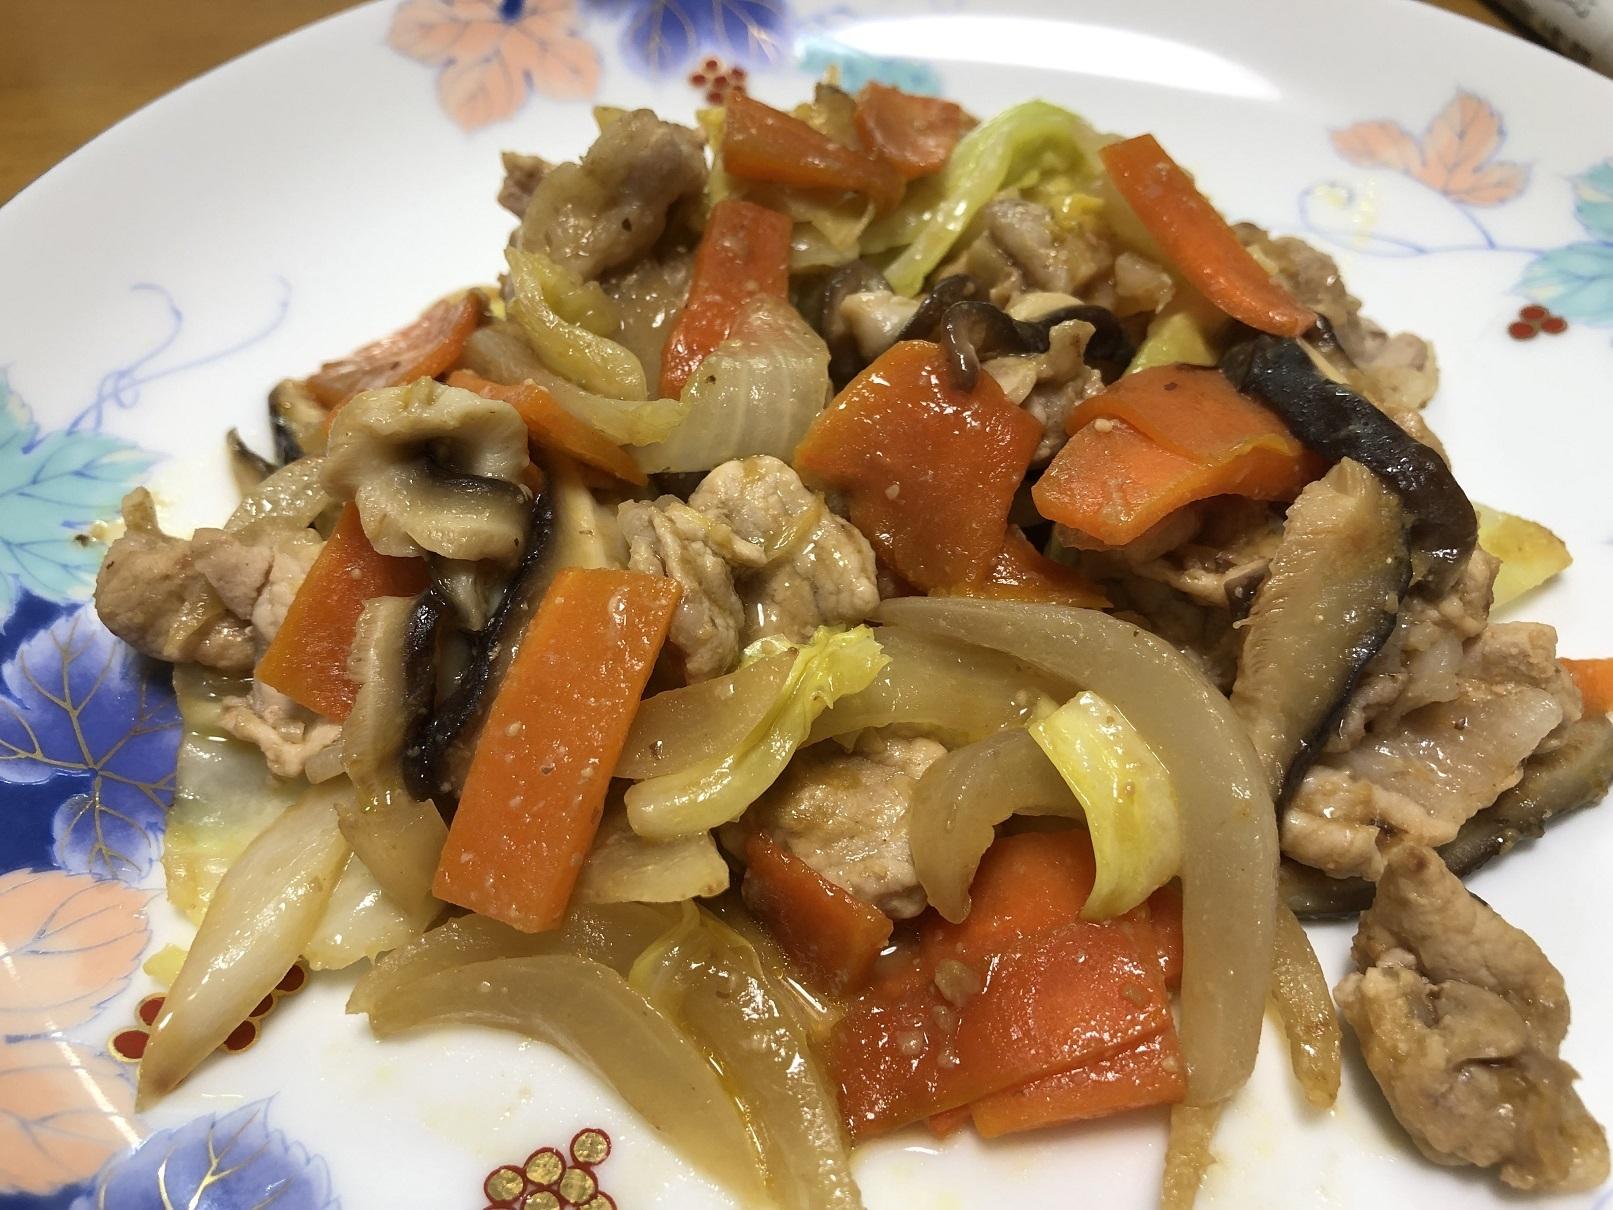 野菜の黒豆味噌炒め1 - コピー